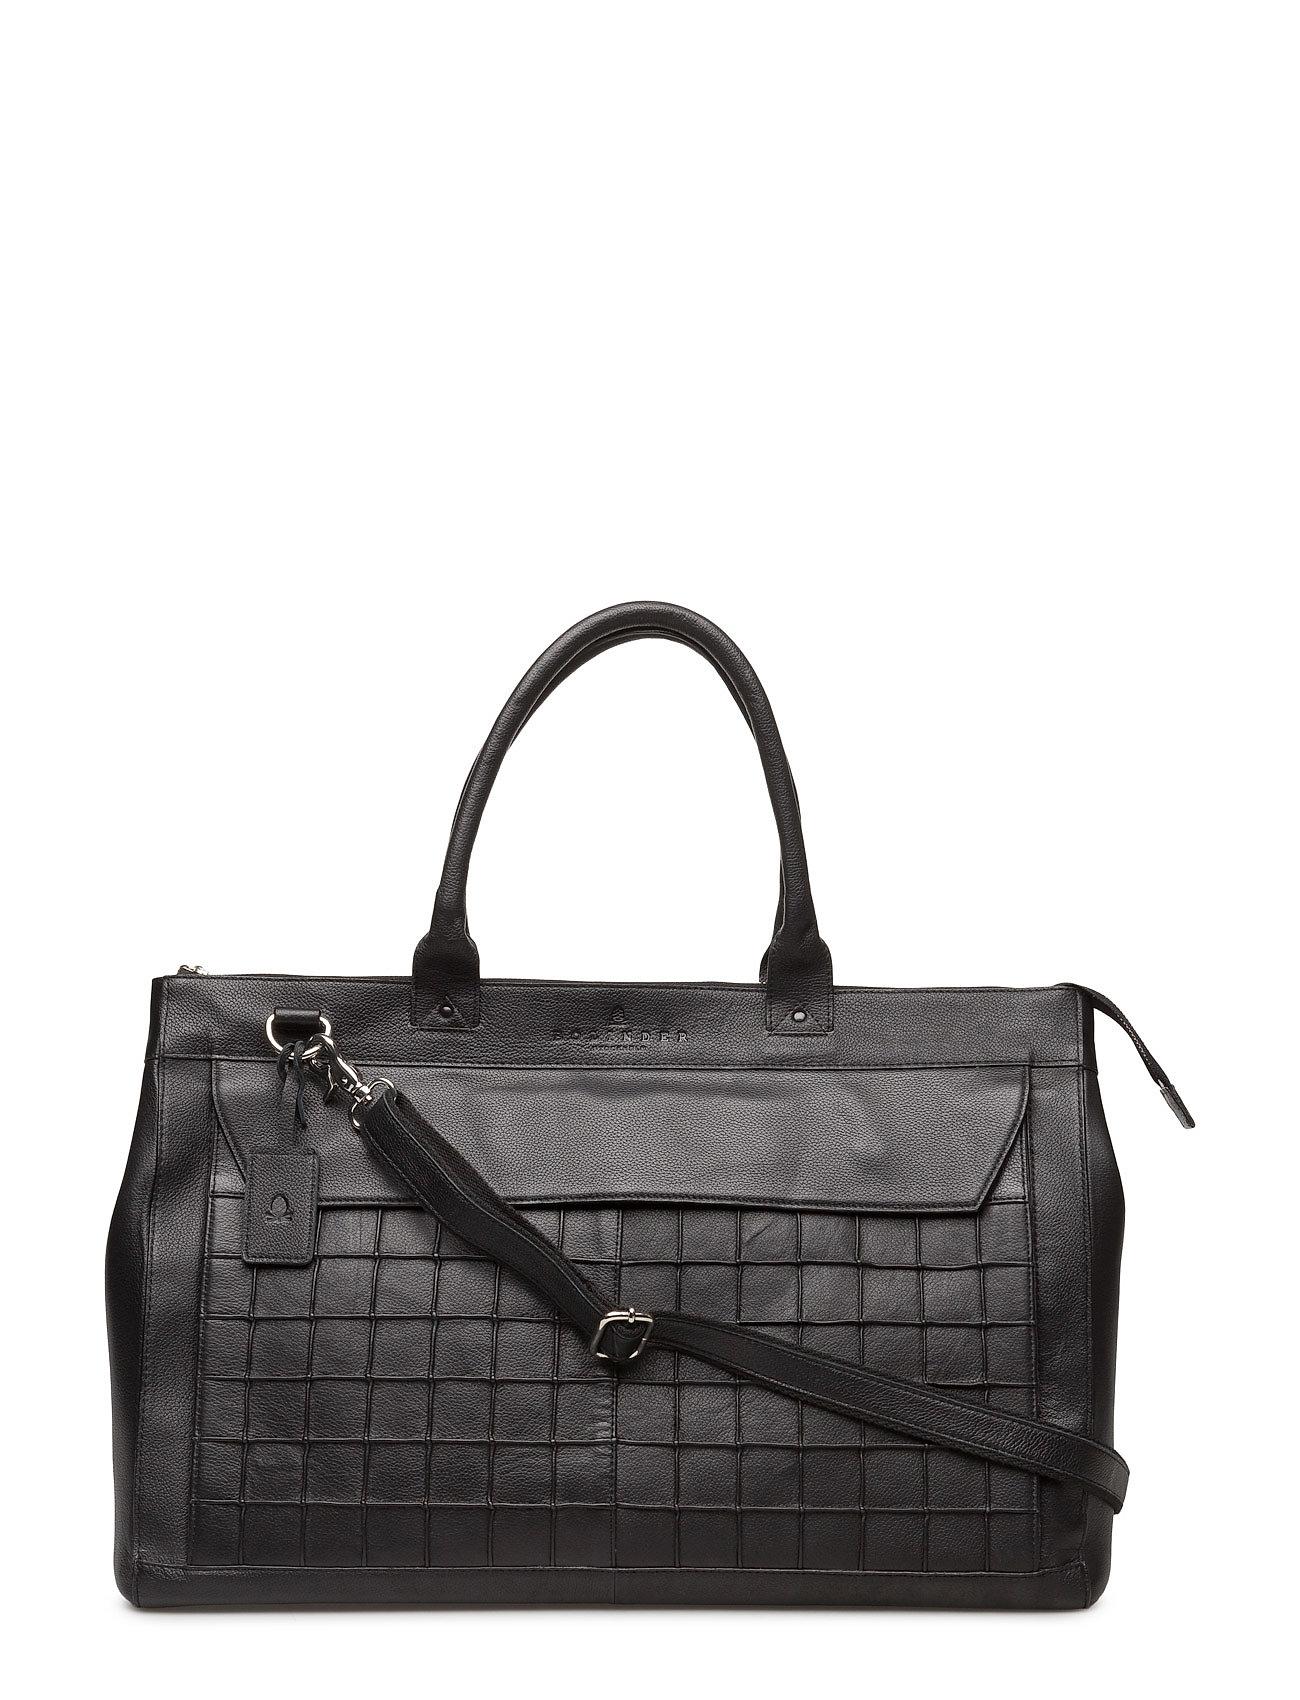 Dignity Travel Bag Bolinder Stockholm Shopper tasker til Damer i